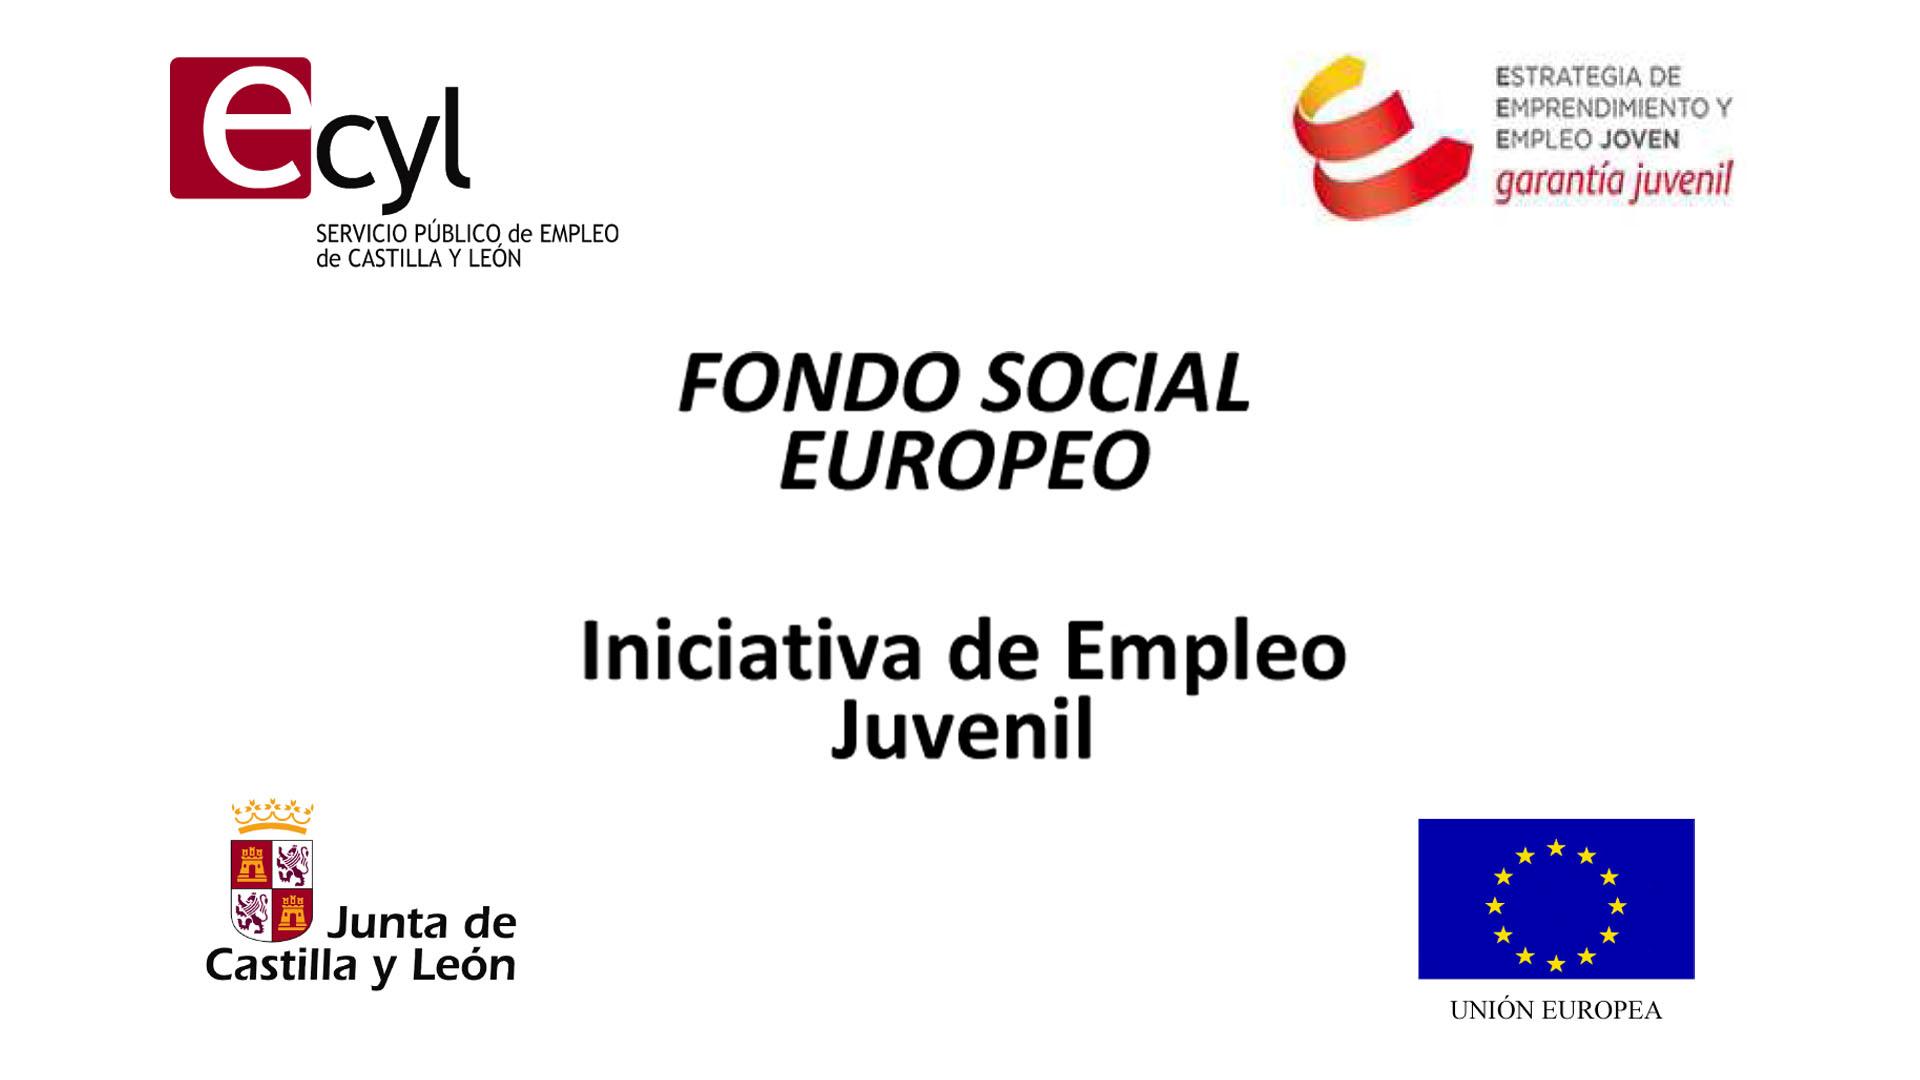 Fondo Social Europeo y ECYL conceden una subvención a Autismo Burgos para contratar a 4 jóvenes